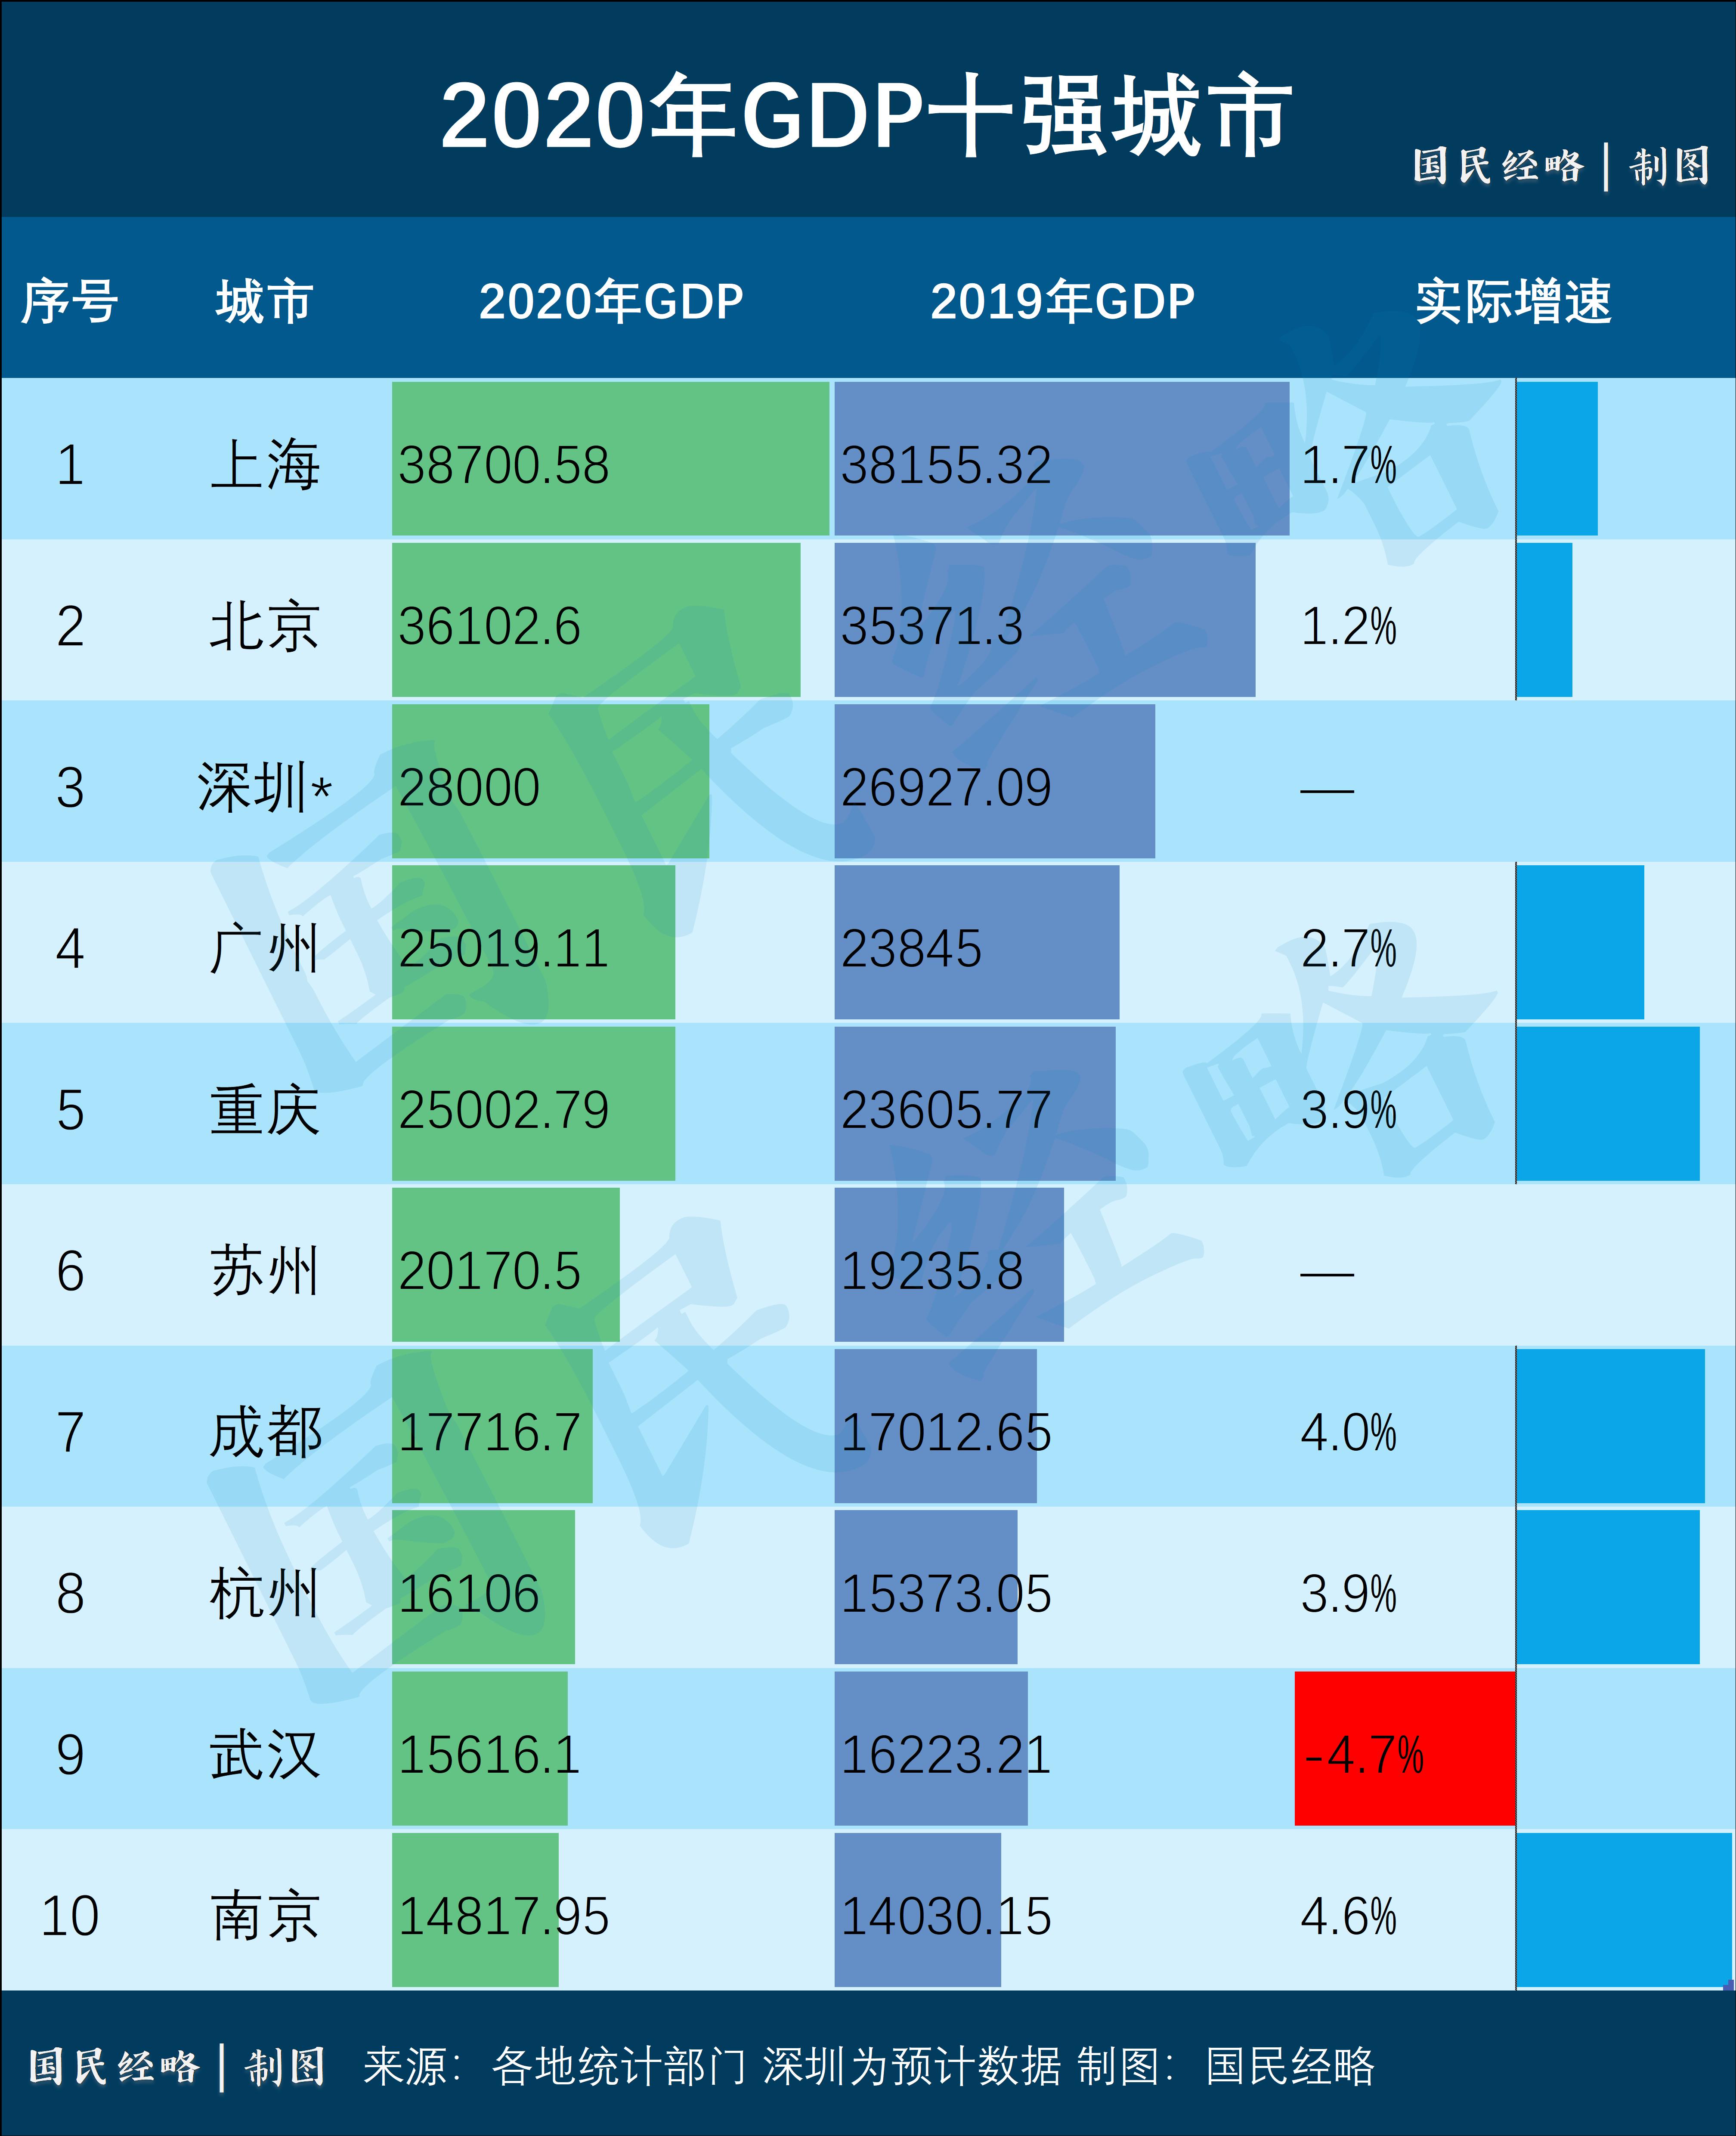 大反转!广州超过重庆,中国的国内生产总值成为第四大城市